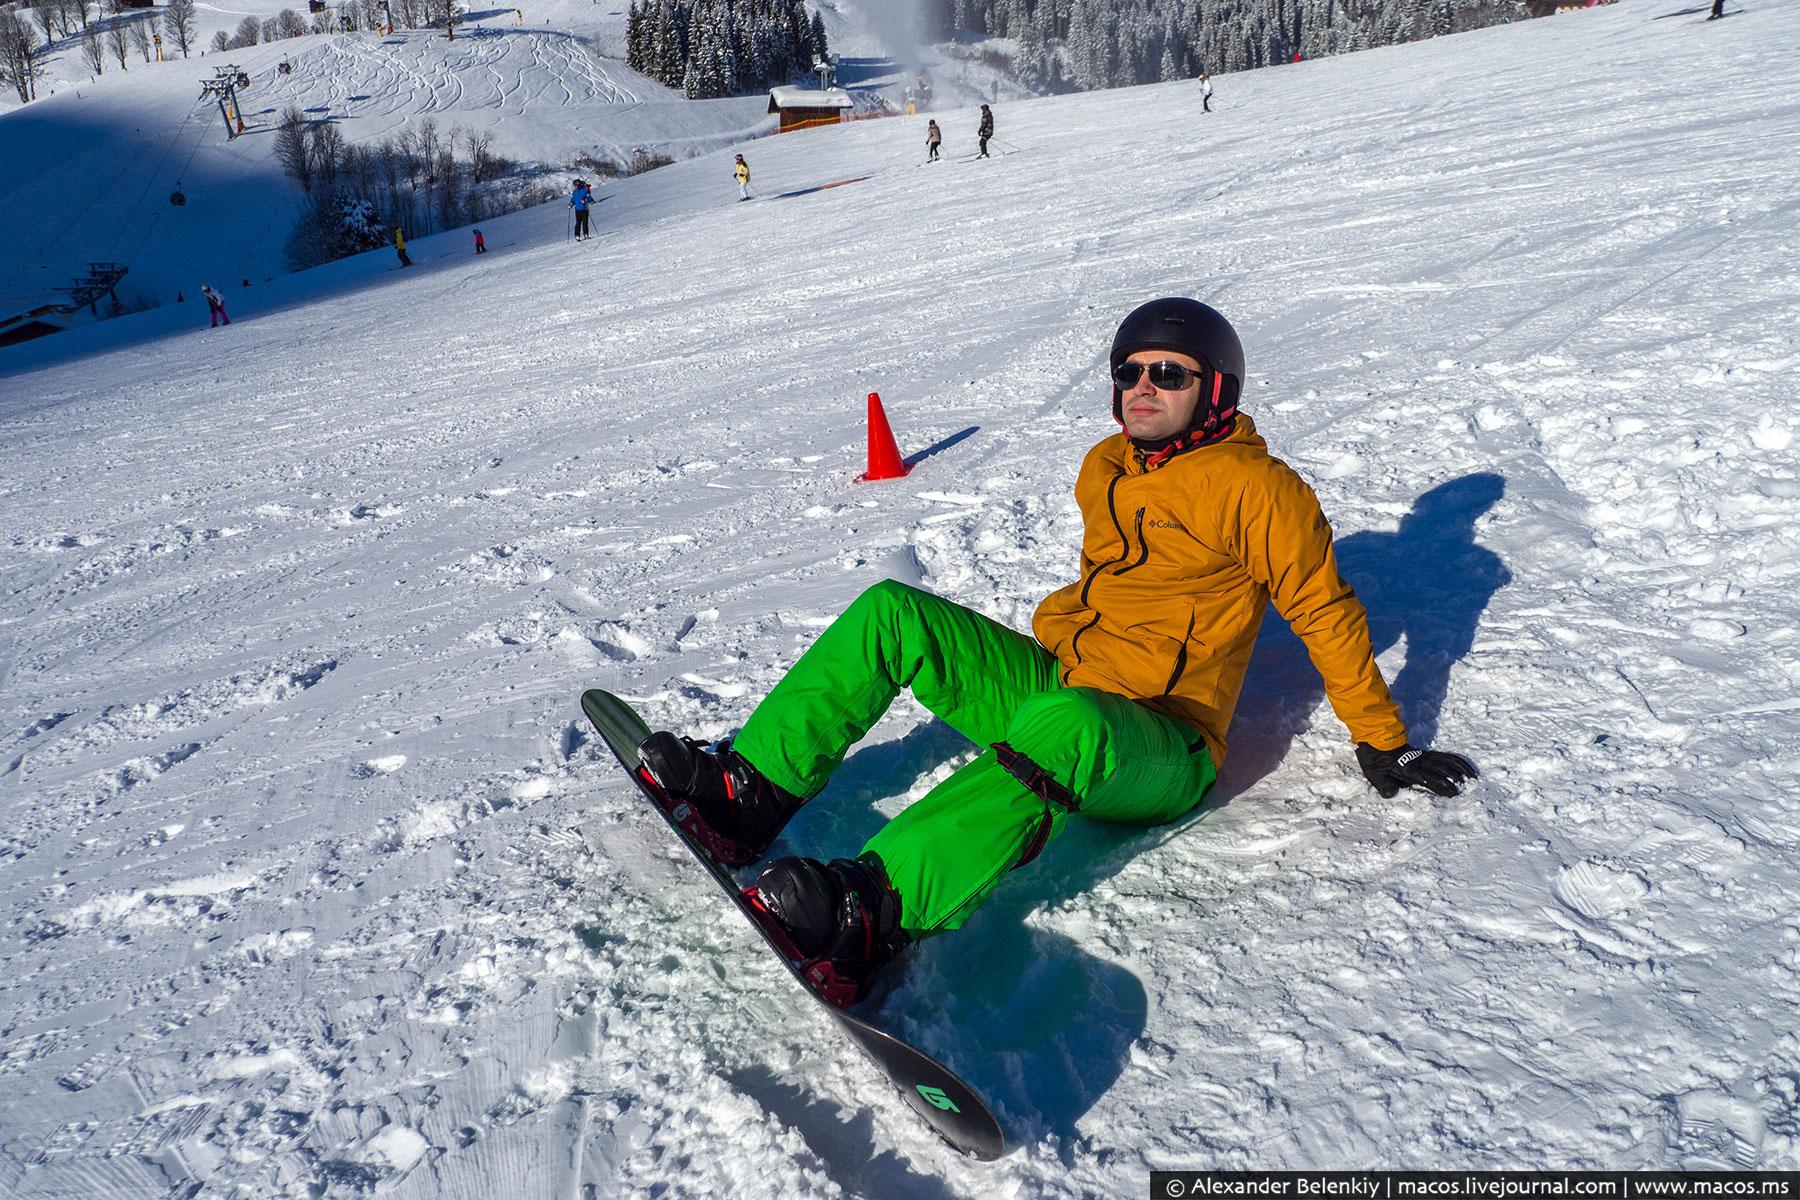 Как я собирался встать на лыжи, а сел на сноуборд